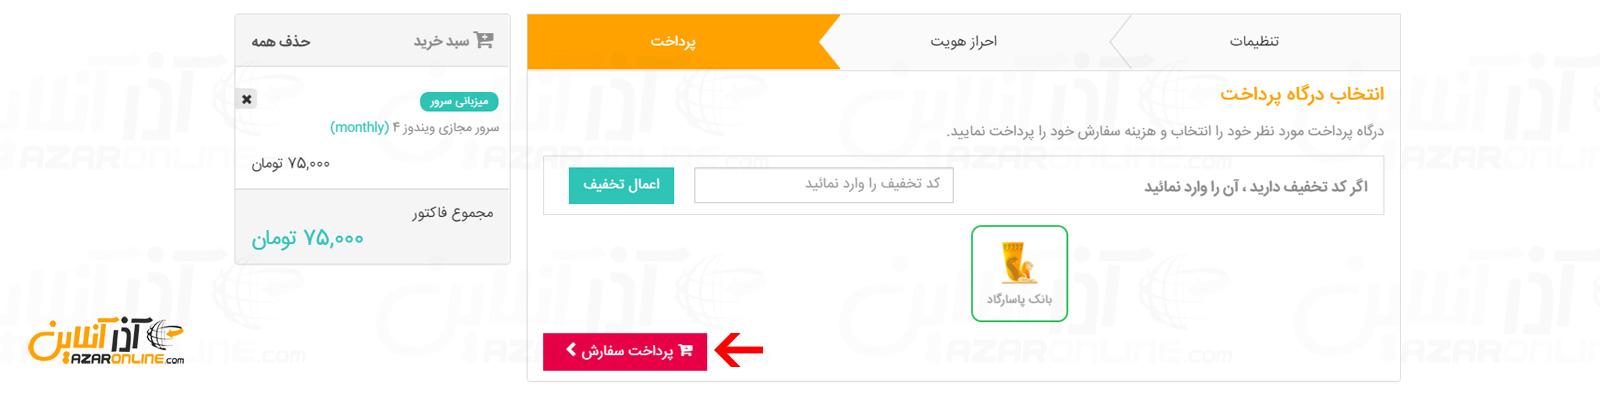 انتخاب درگاه پرداخت برای خرید سرور مجازی ویندوز